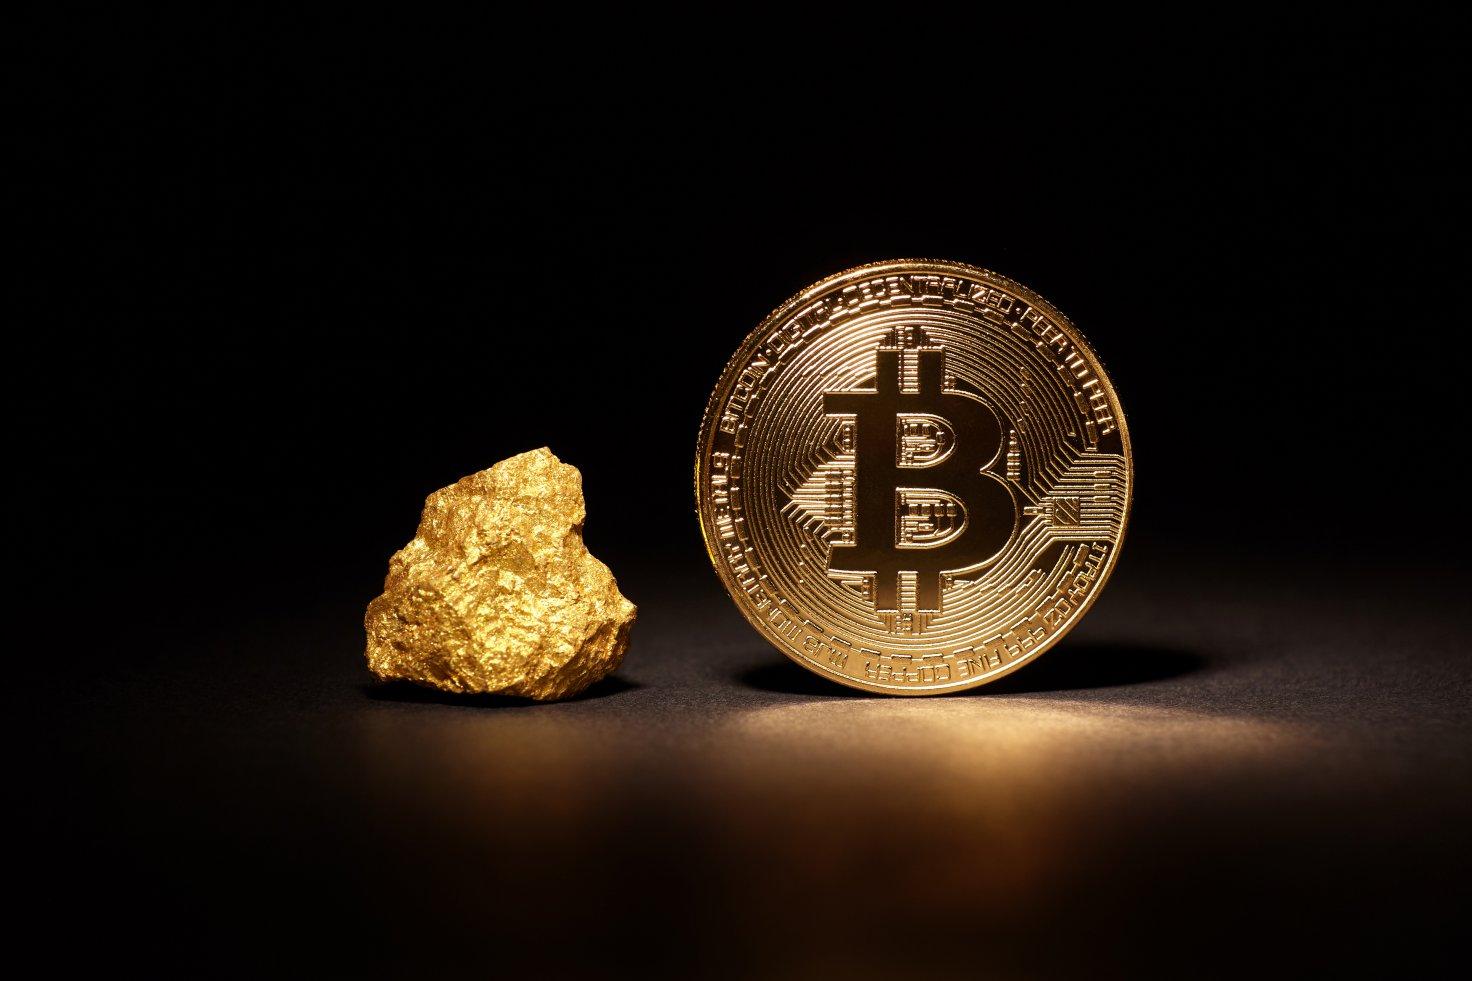 buy precious metals with Bitcoin